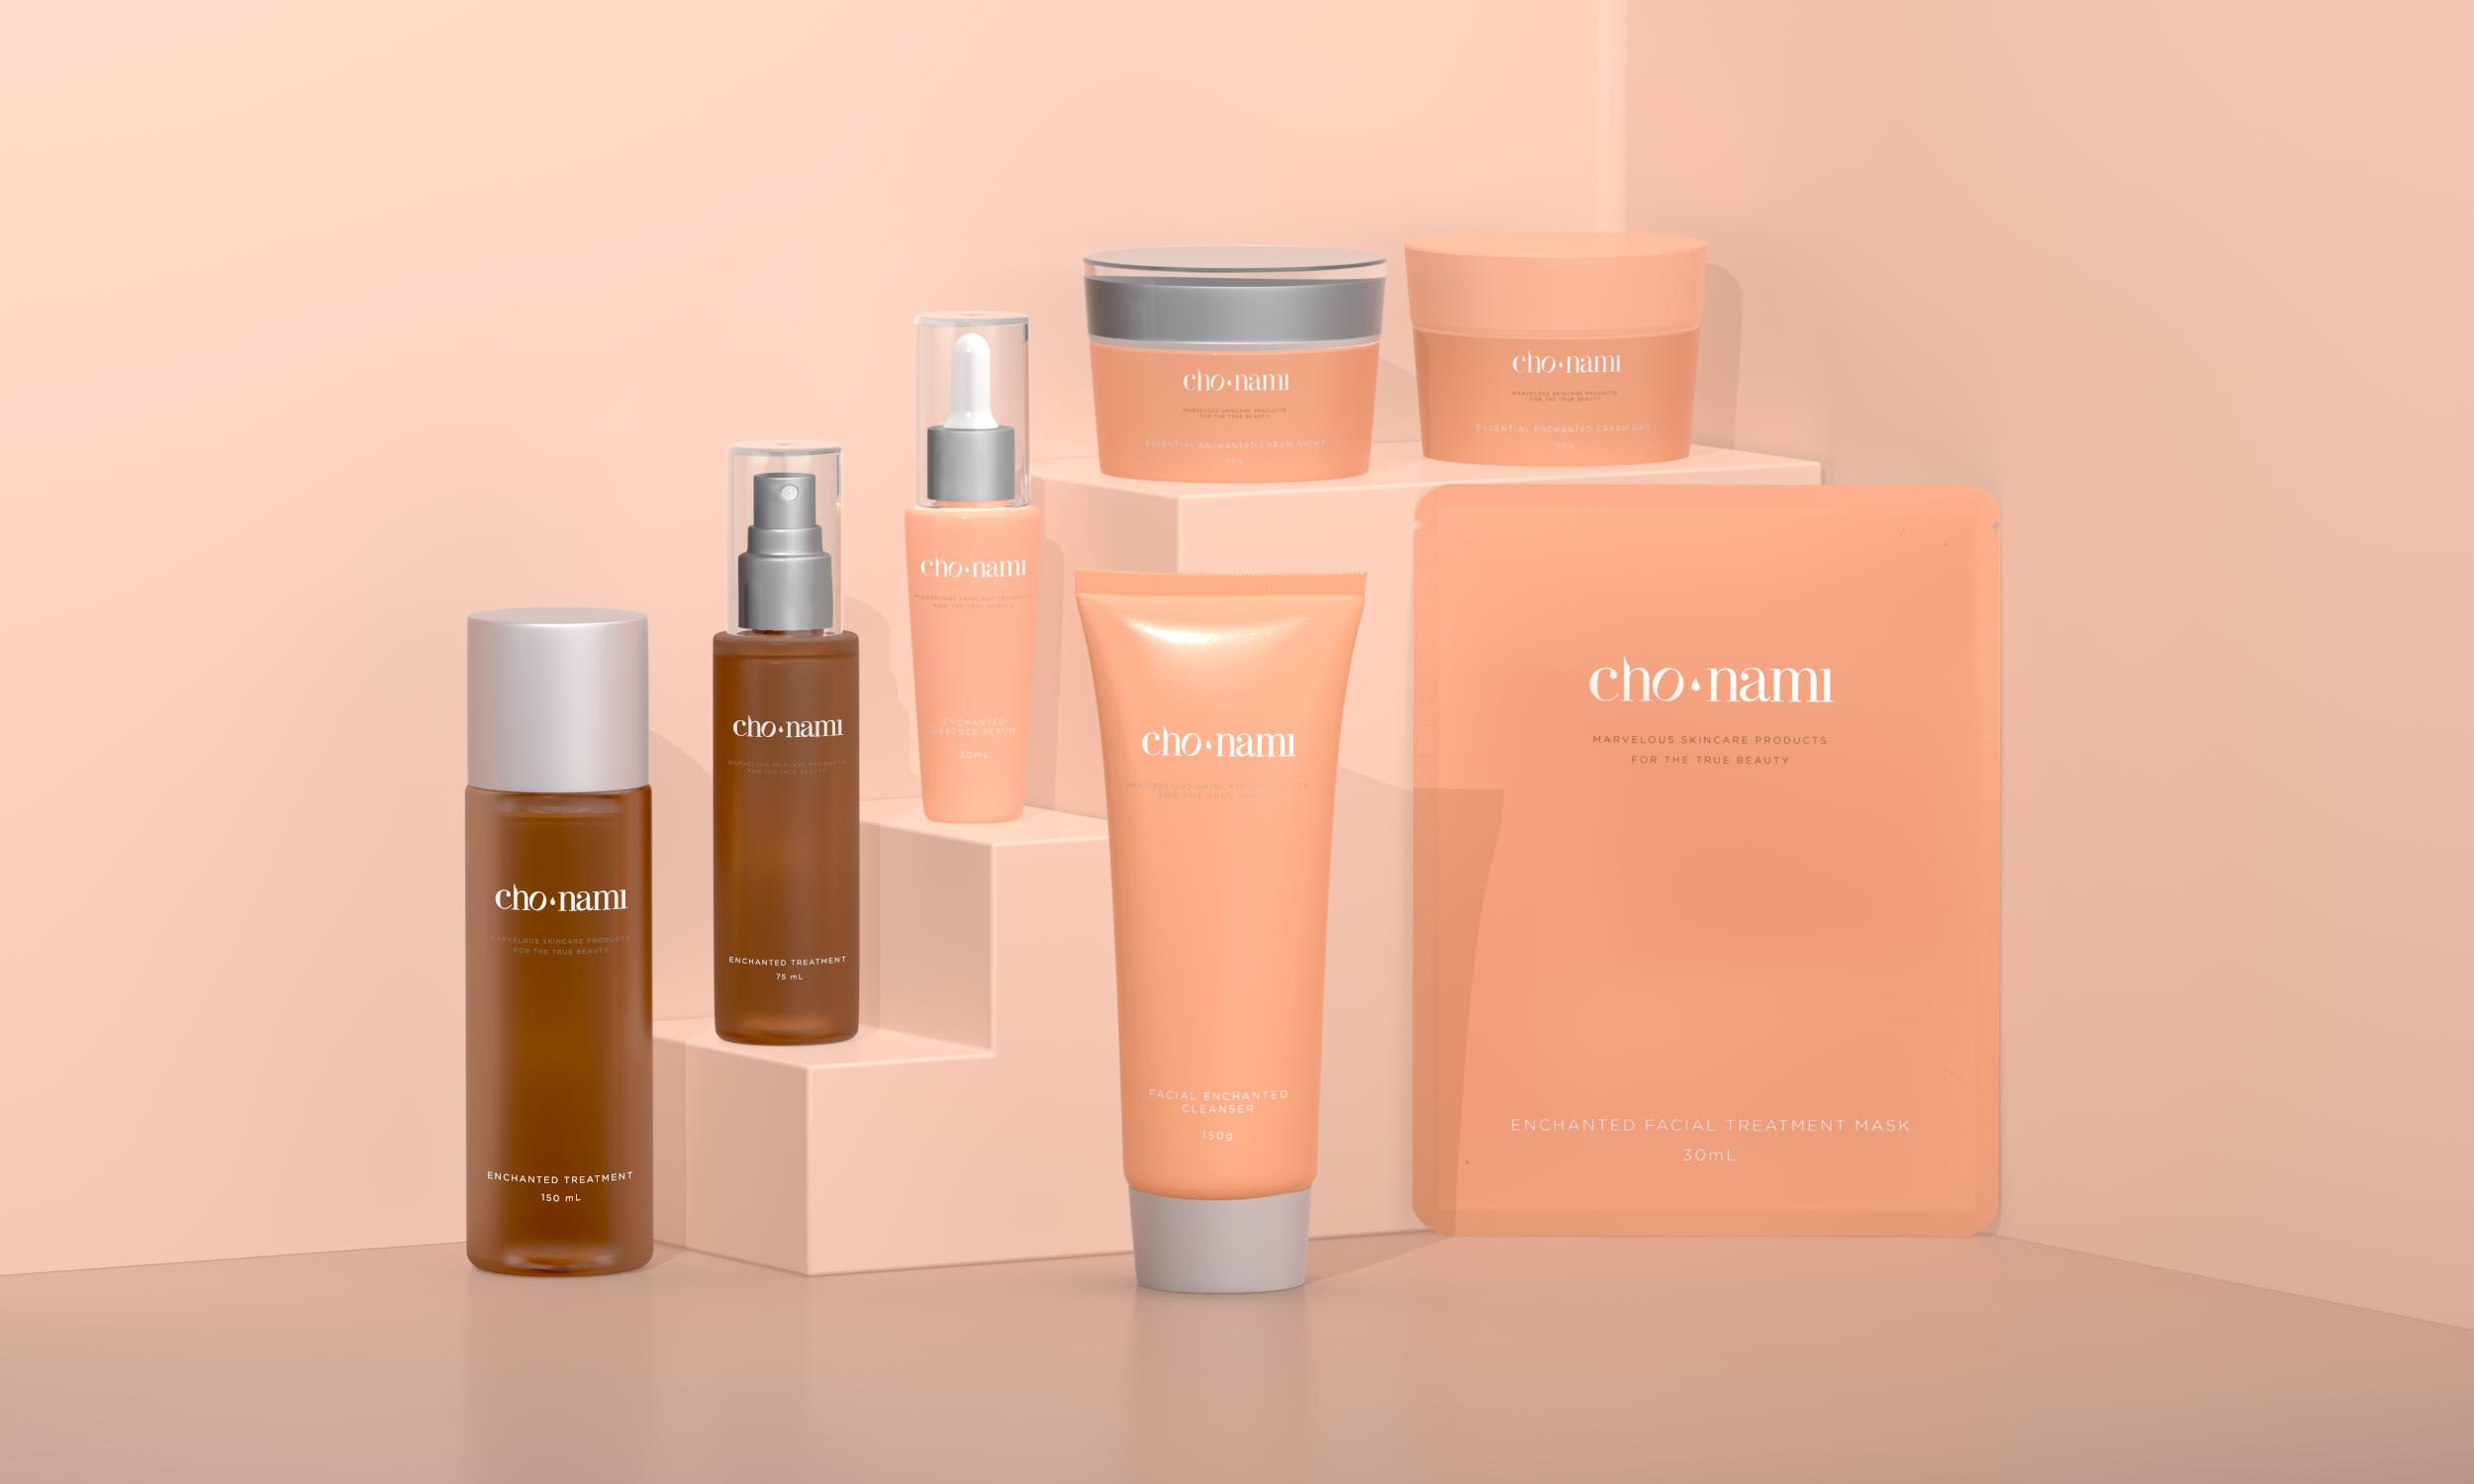 Cho Nami Clean Protect Product, xolve branding, mỹ phẩm, xolve, cosmetic 3d rendering